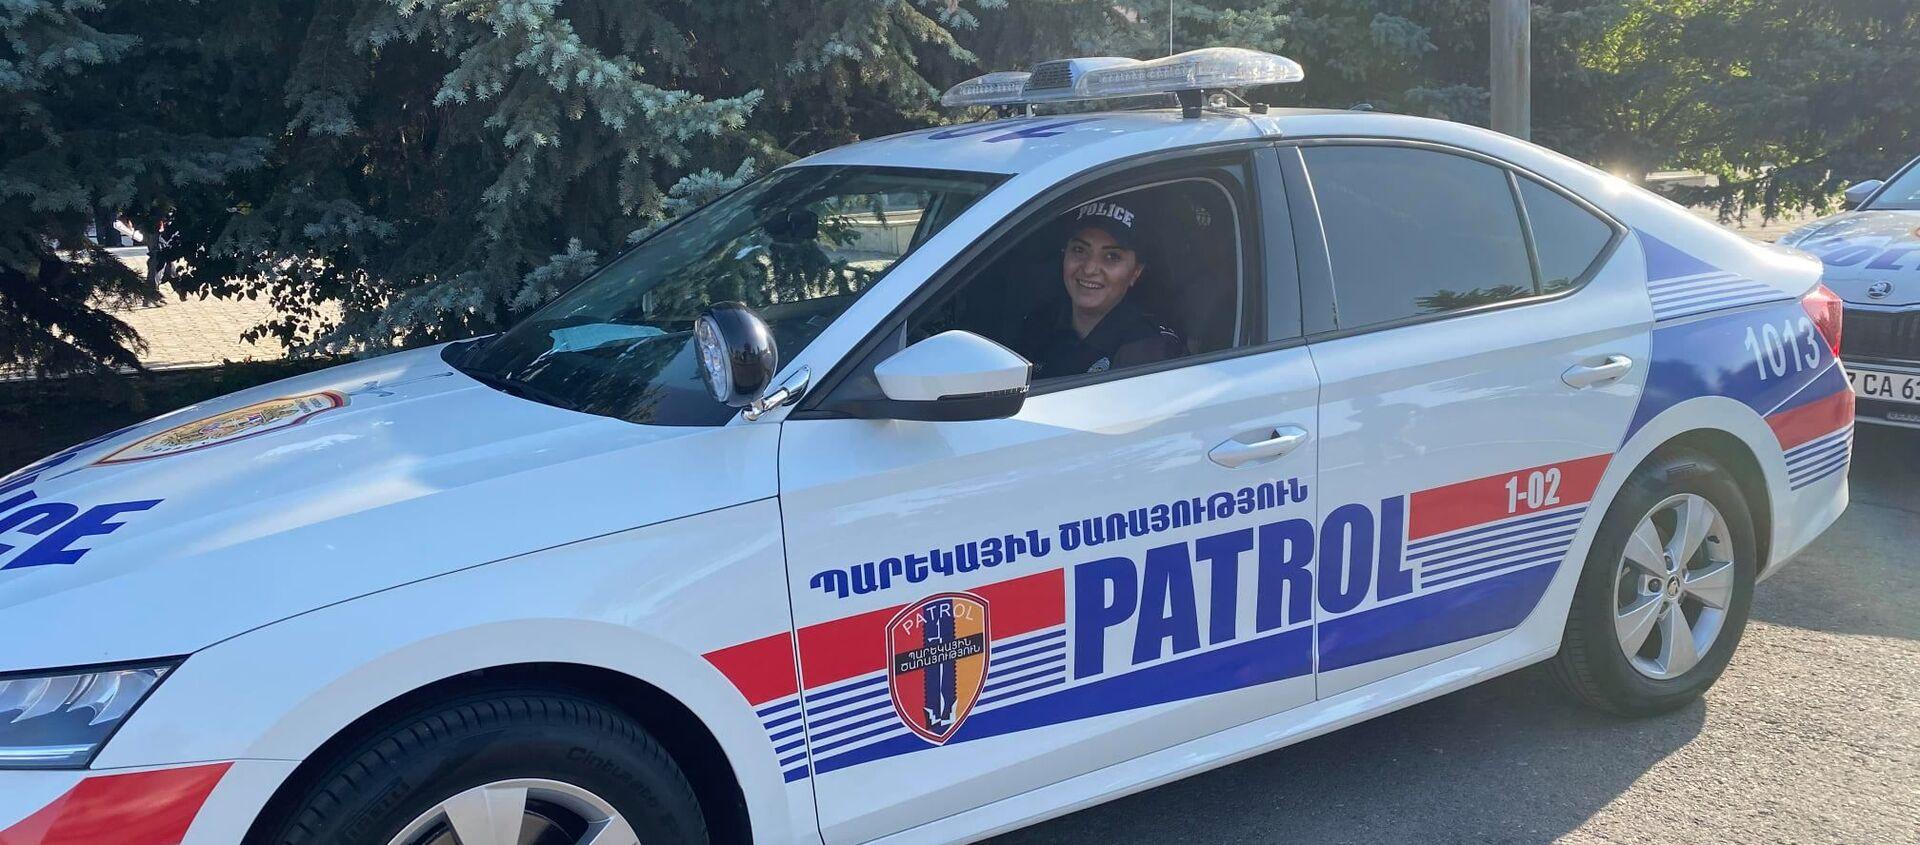 Патрульные полицейские в Ереване - Sputnik Արմենիա, 1920, 07.07.2021